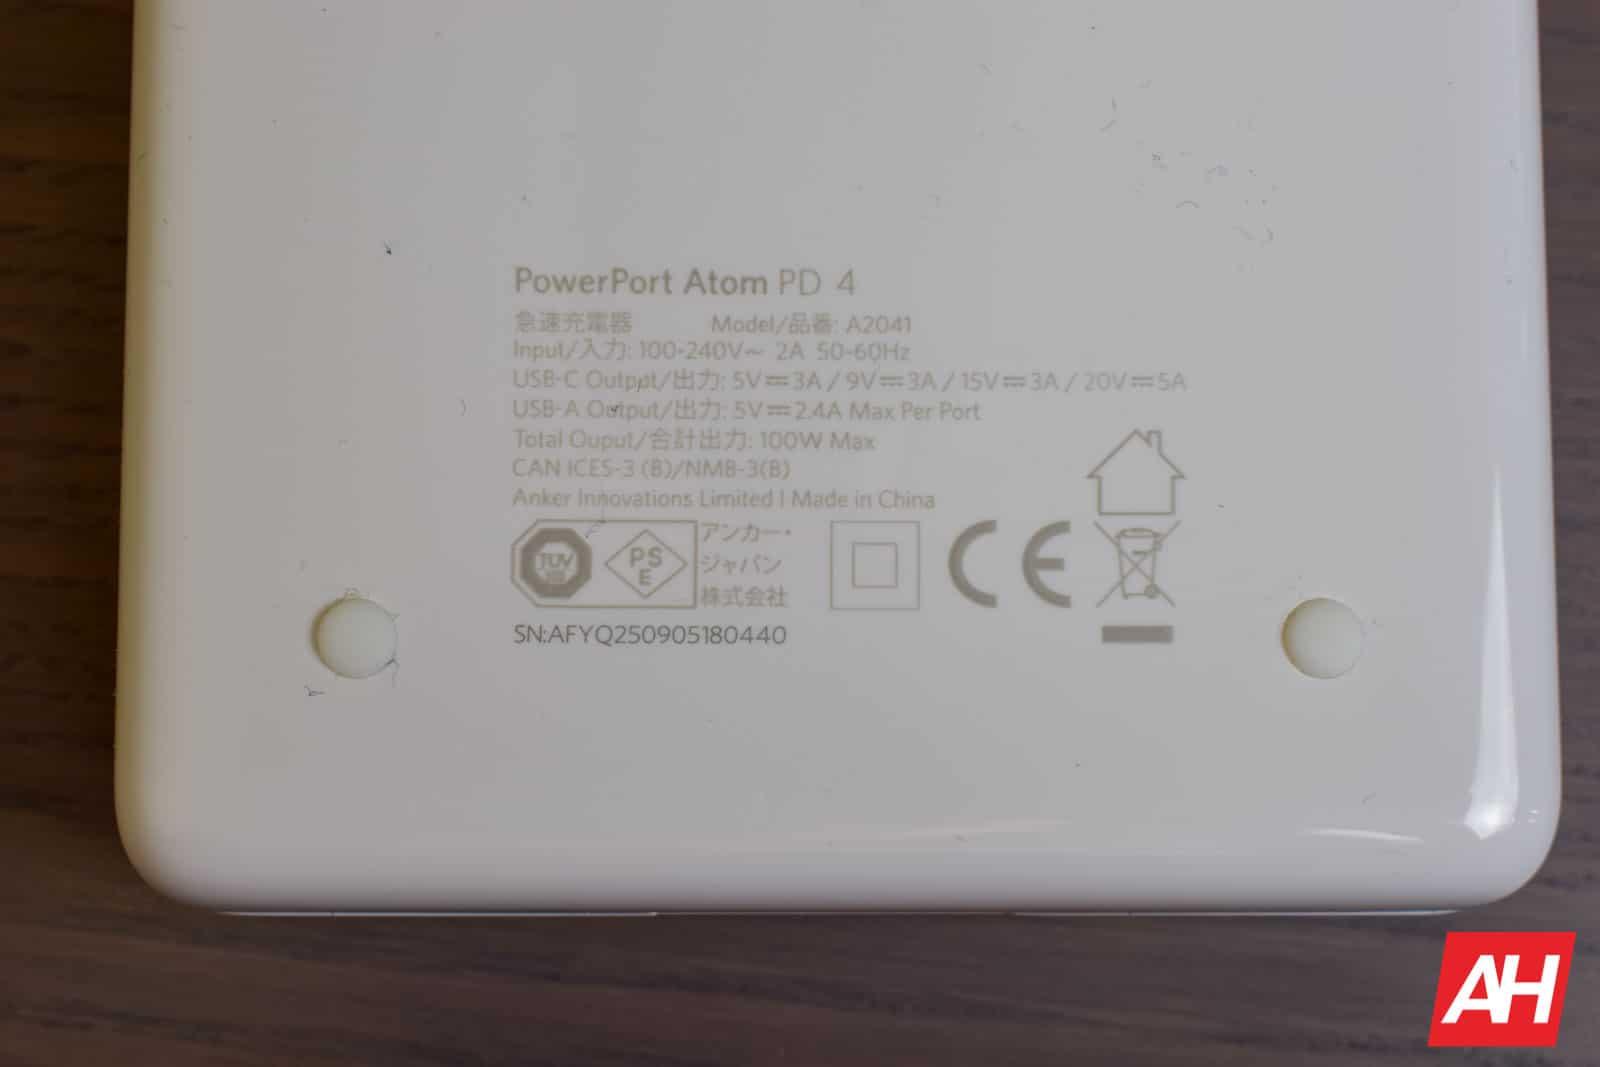 Anker PowerPort Atom PD 4 AM AH 7